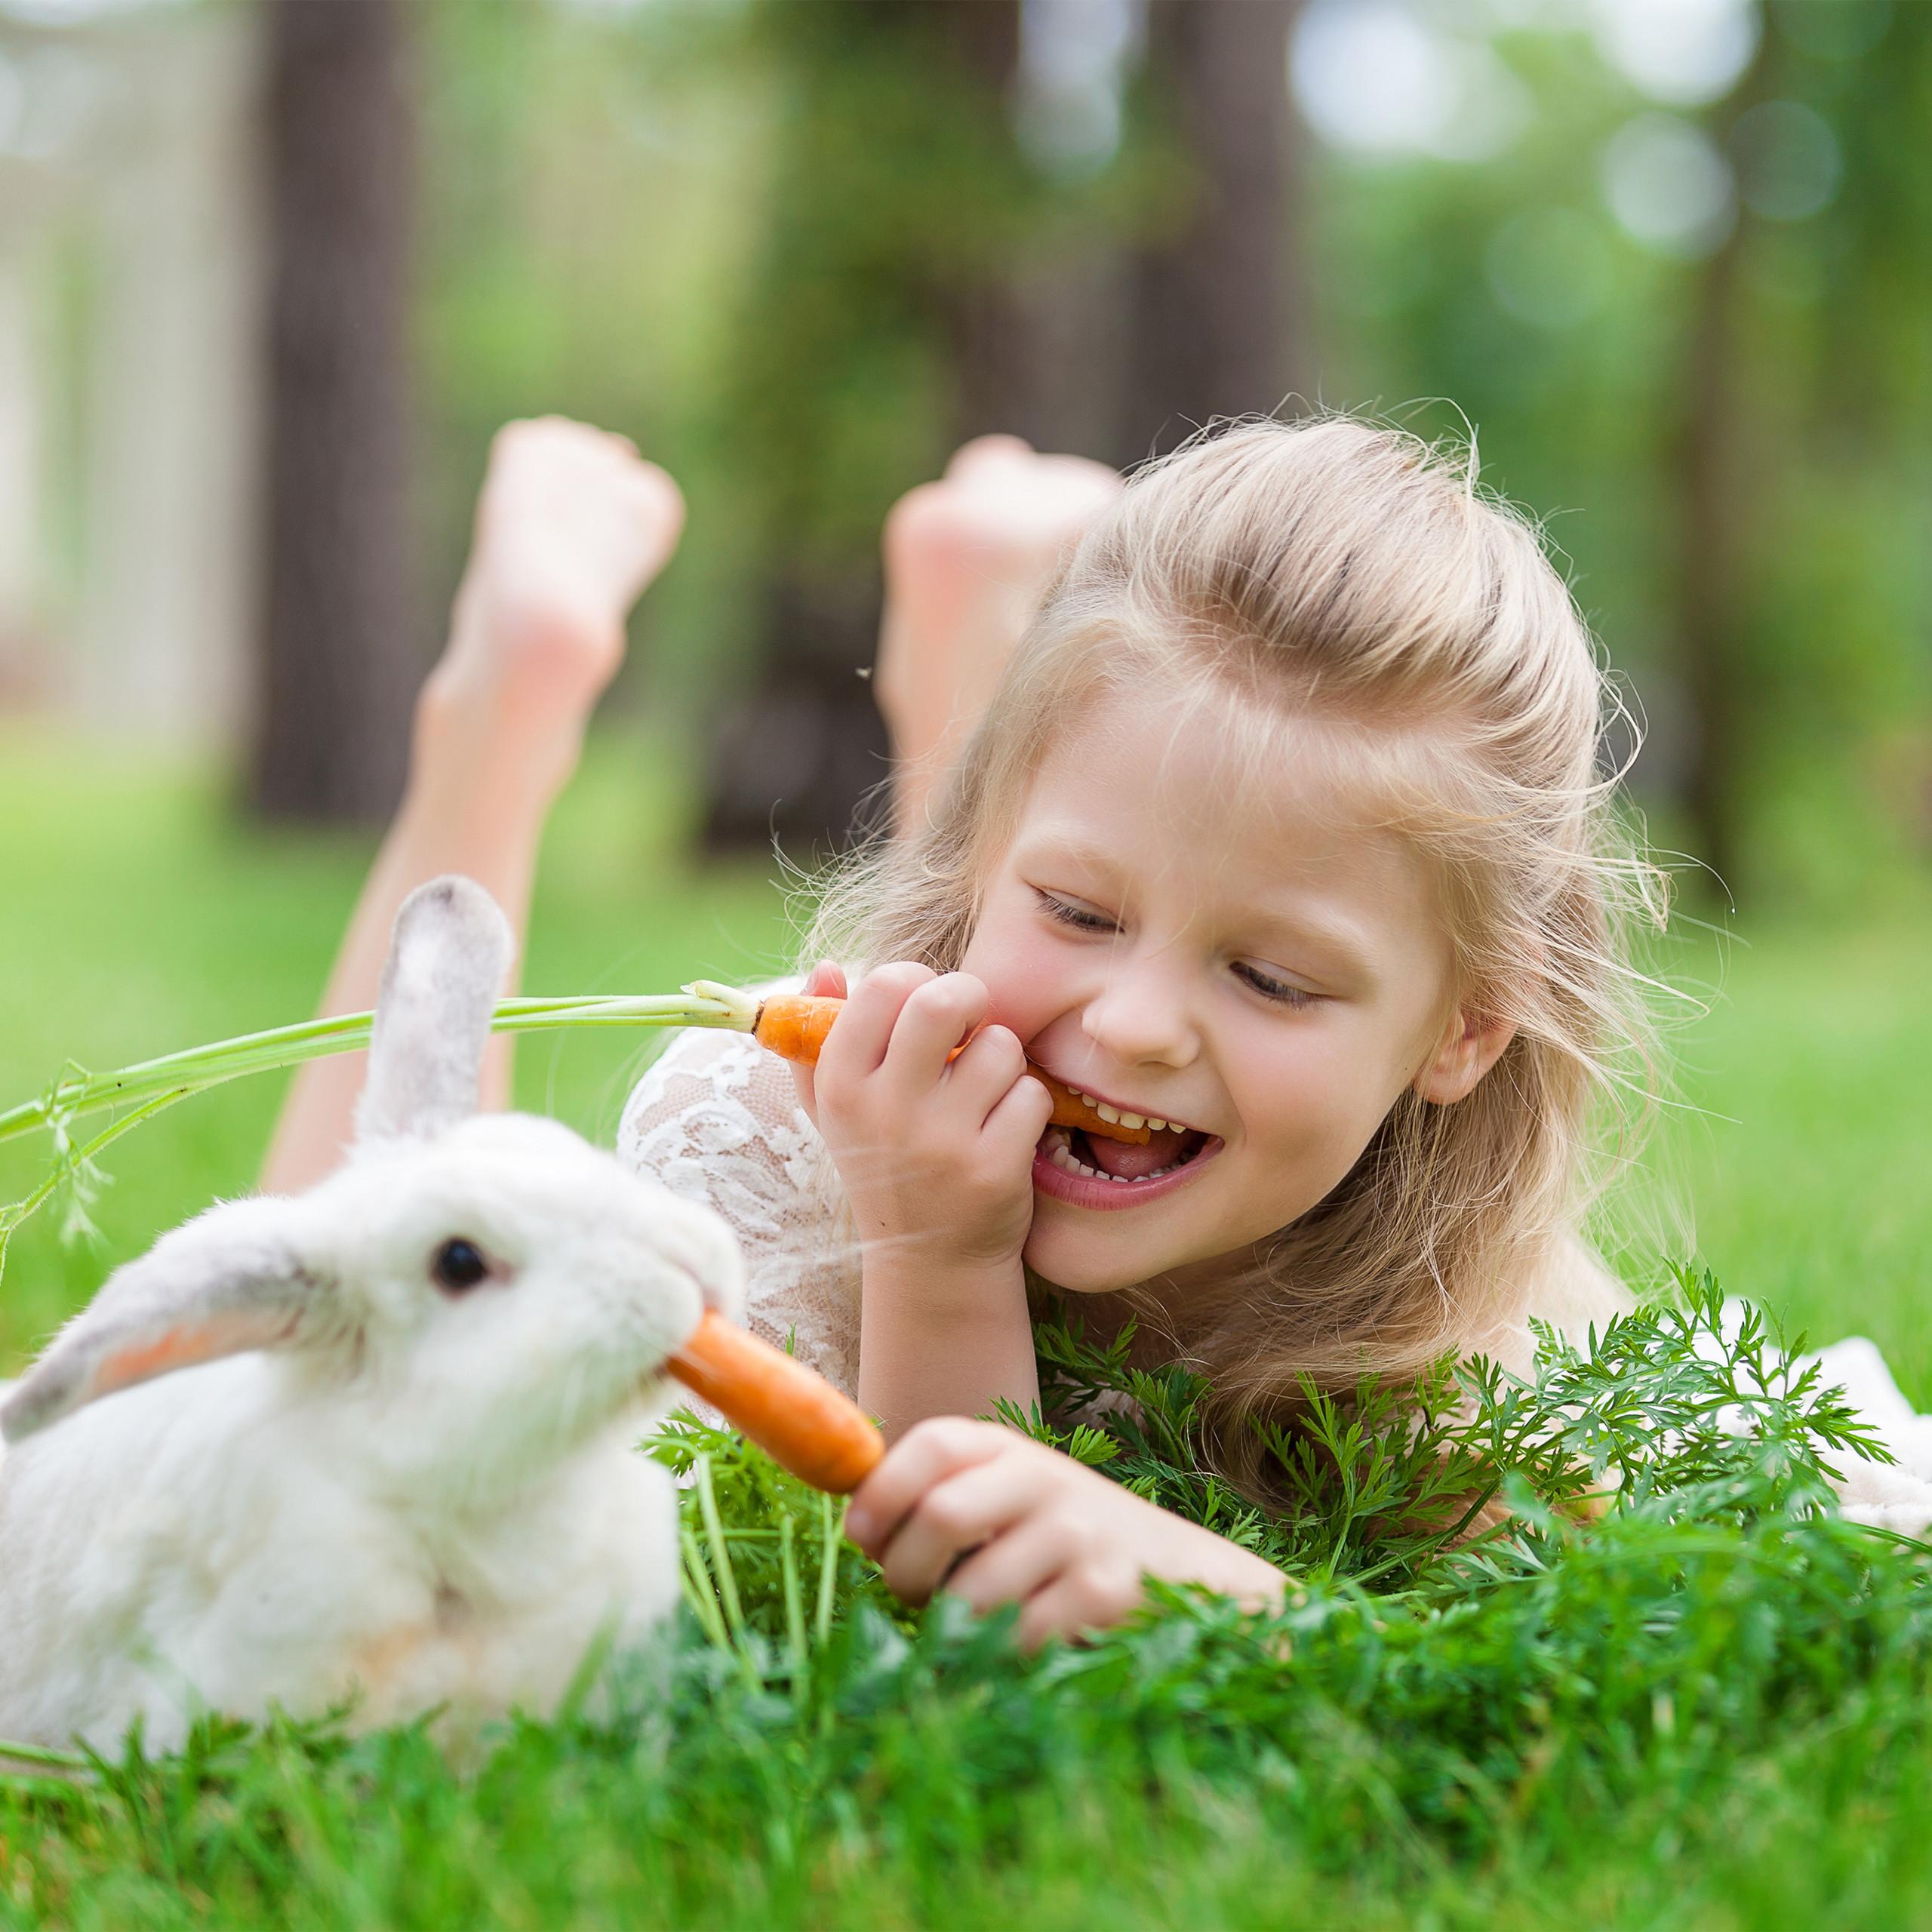 Freilaufgehege-Kaninchen-Huhner-Freigehege-Hasengehege-Huhnerauslauf-220cm-Stahl miniatuur 13